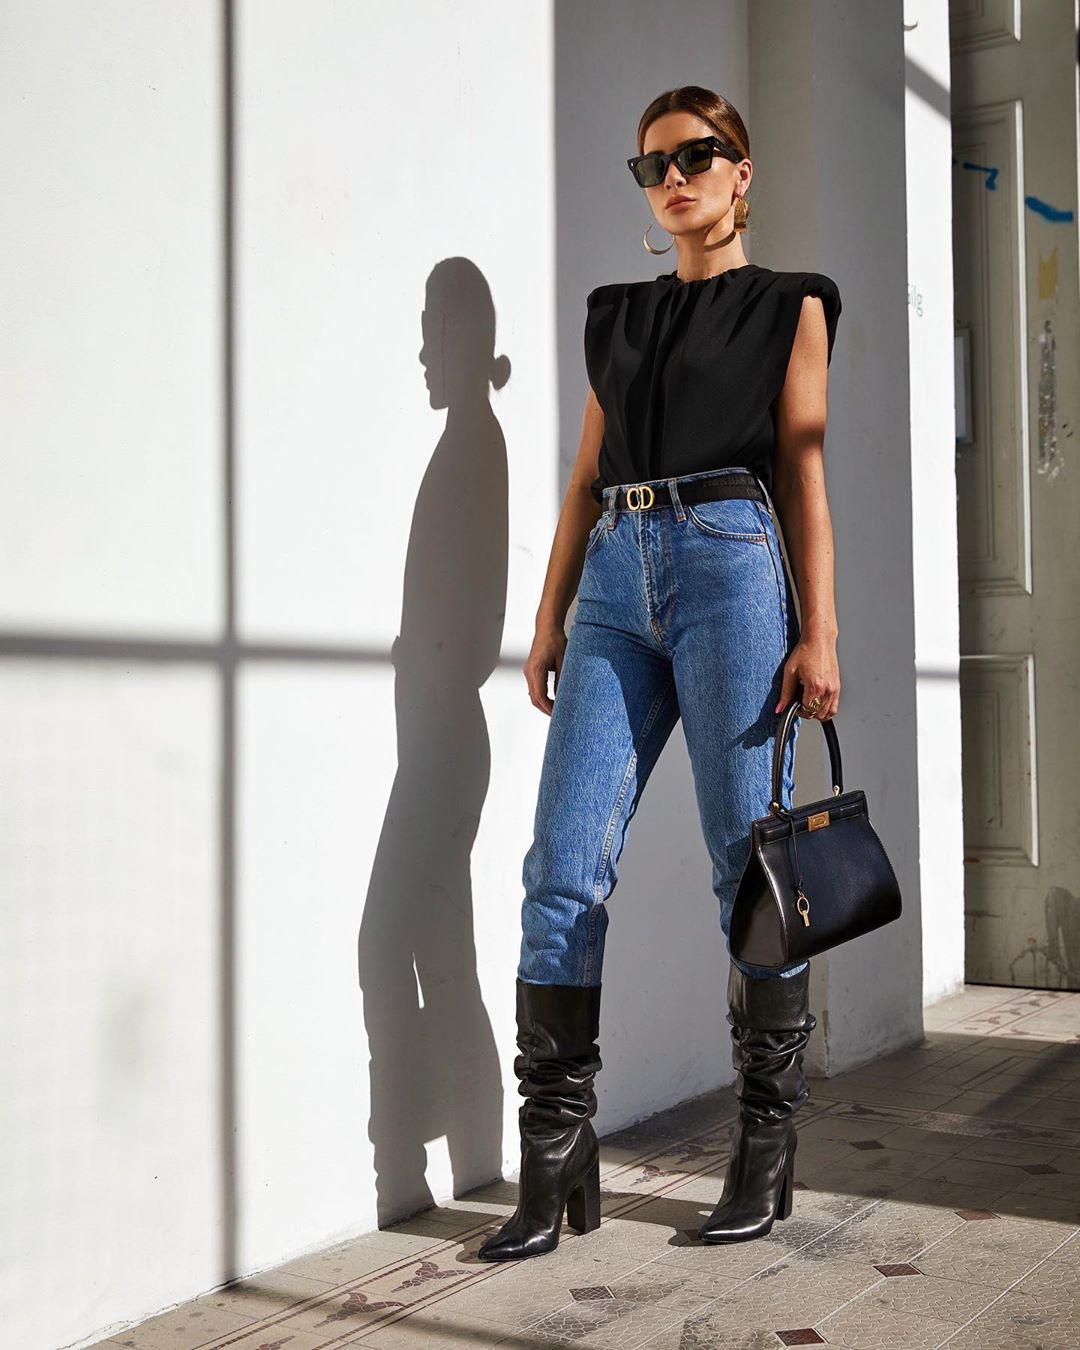 Модные женские джинсы весна-лето 2020 фото 6